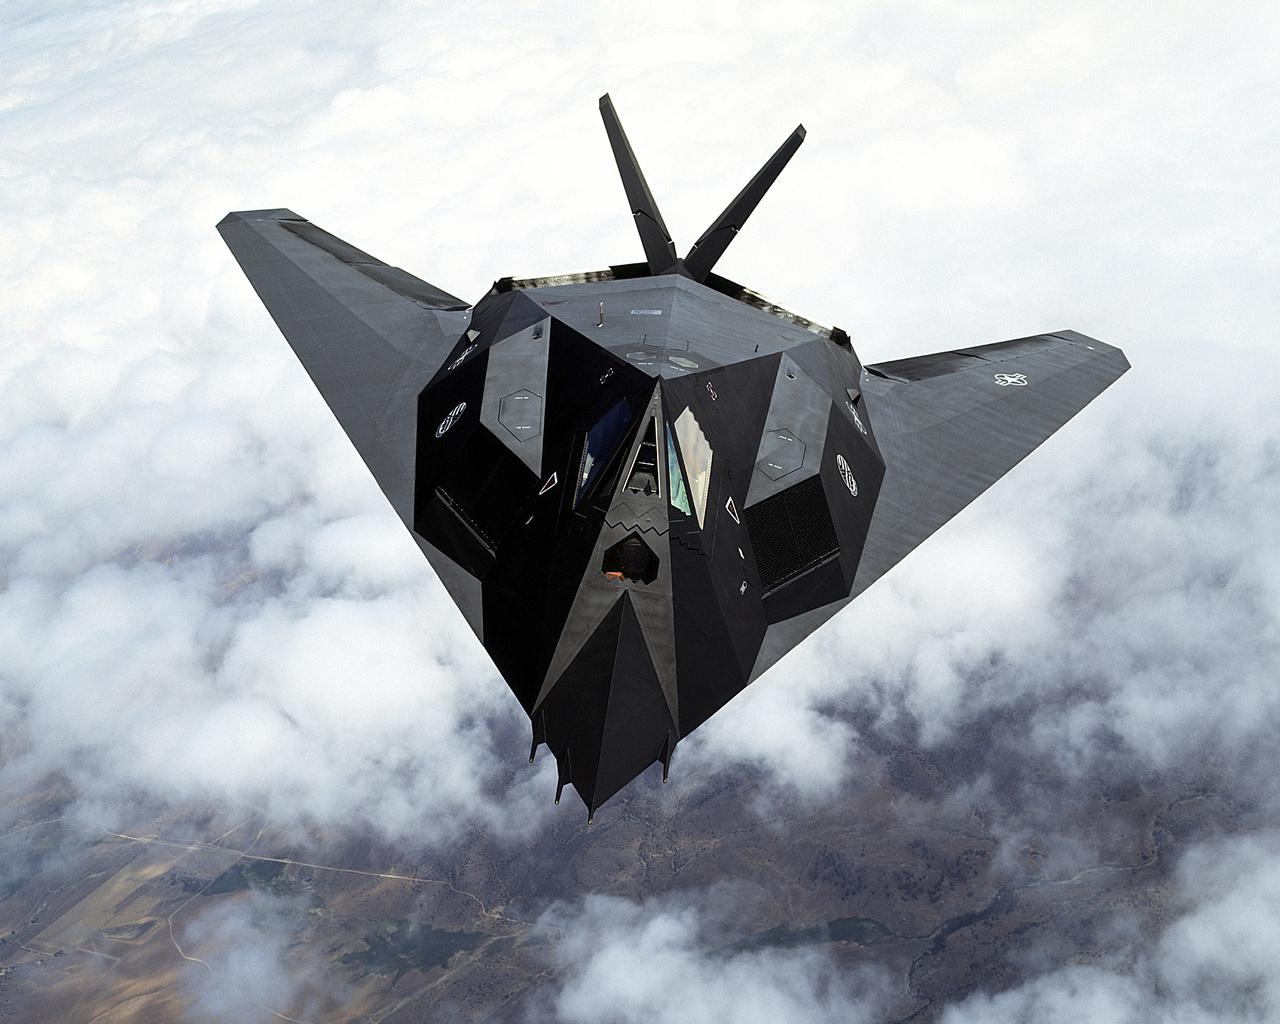 1981-ben repült először a Lockheed F-117A Nighthawk, ami a világ első kifejezetten lopakodó céllal kifejlesztett harci gépe volt. A típus történetének főbb állomásait ebben a nagyképes cikkünkben vettük sorra.